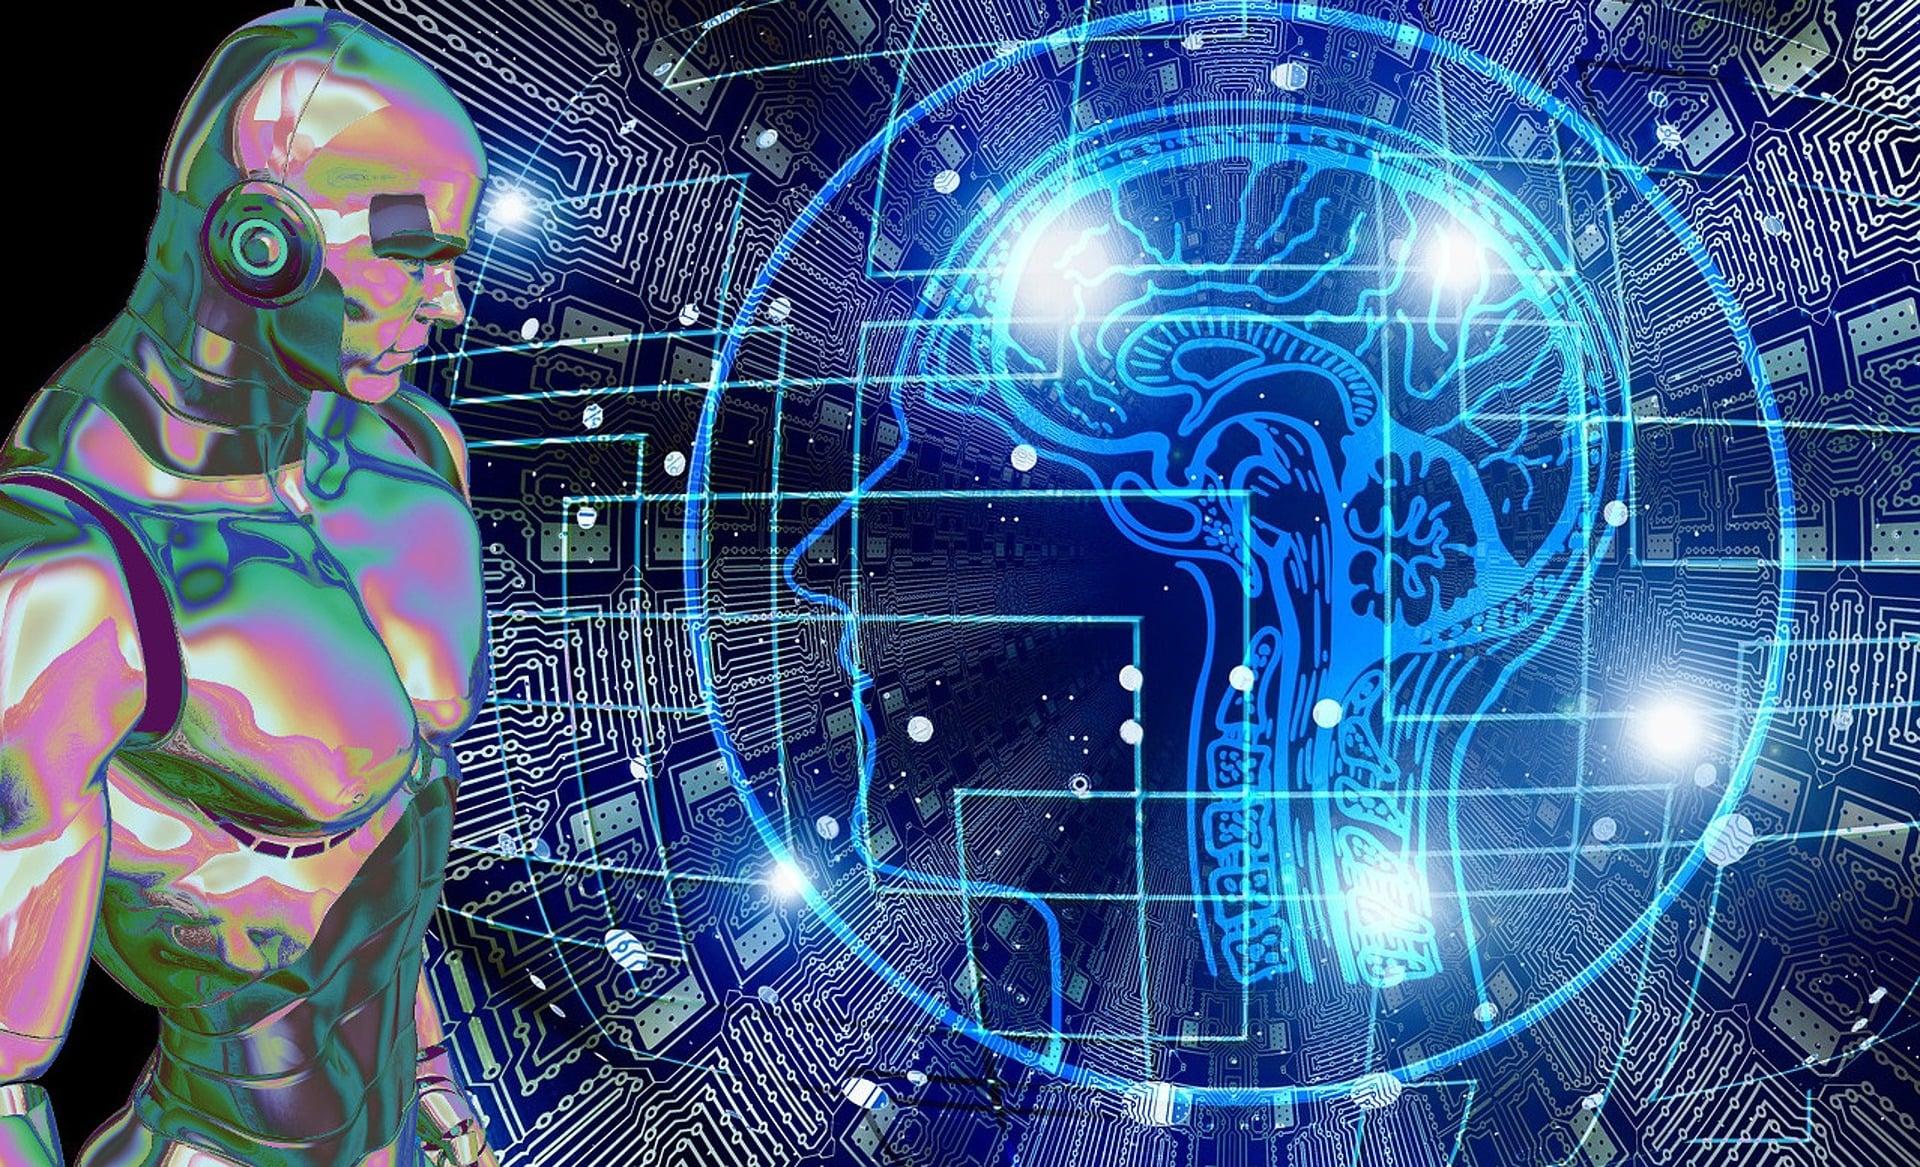 Sztuczna inteligencja w grach wideo